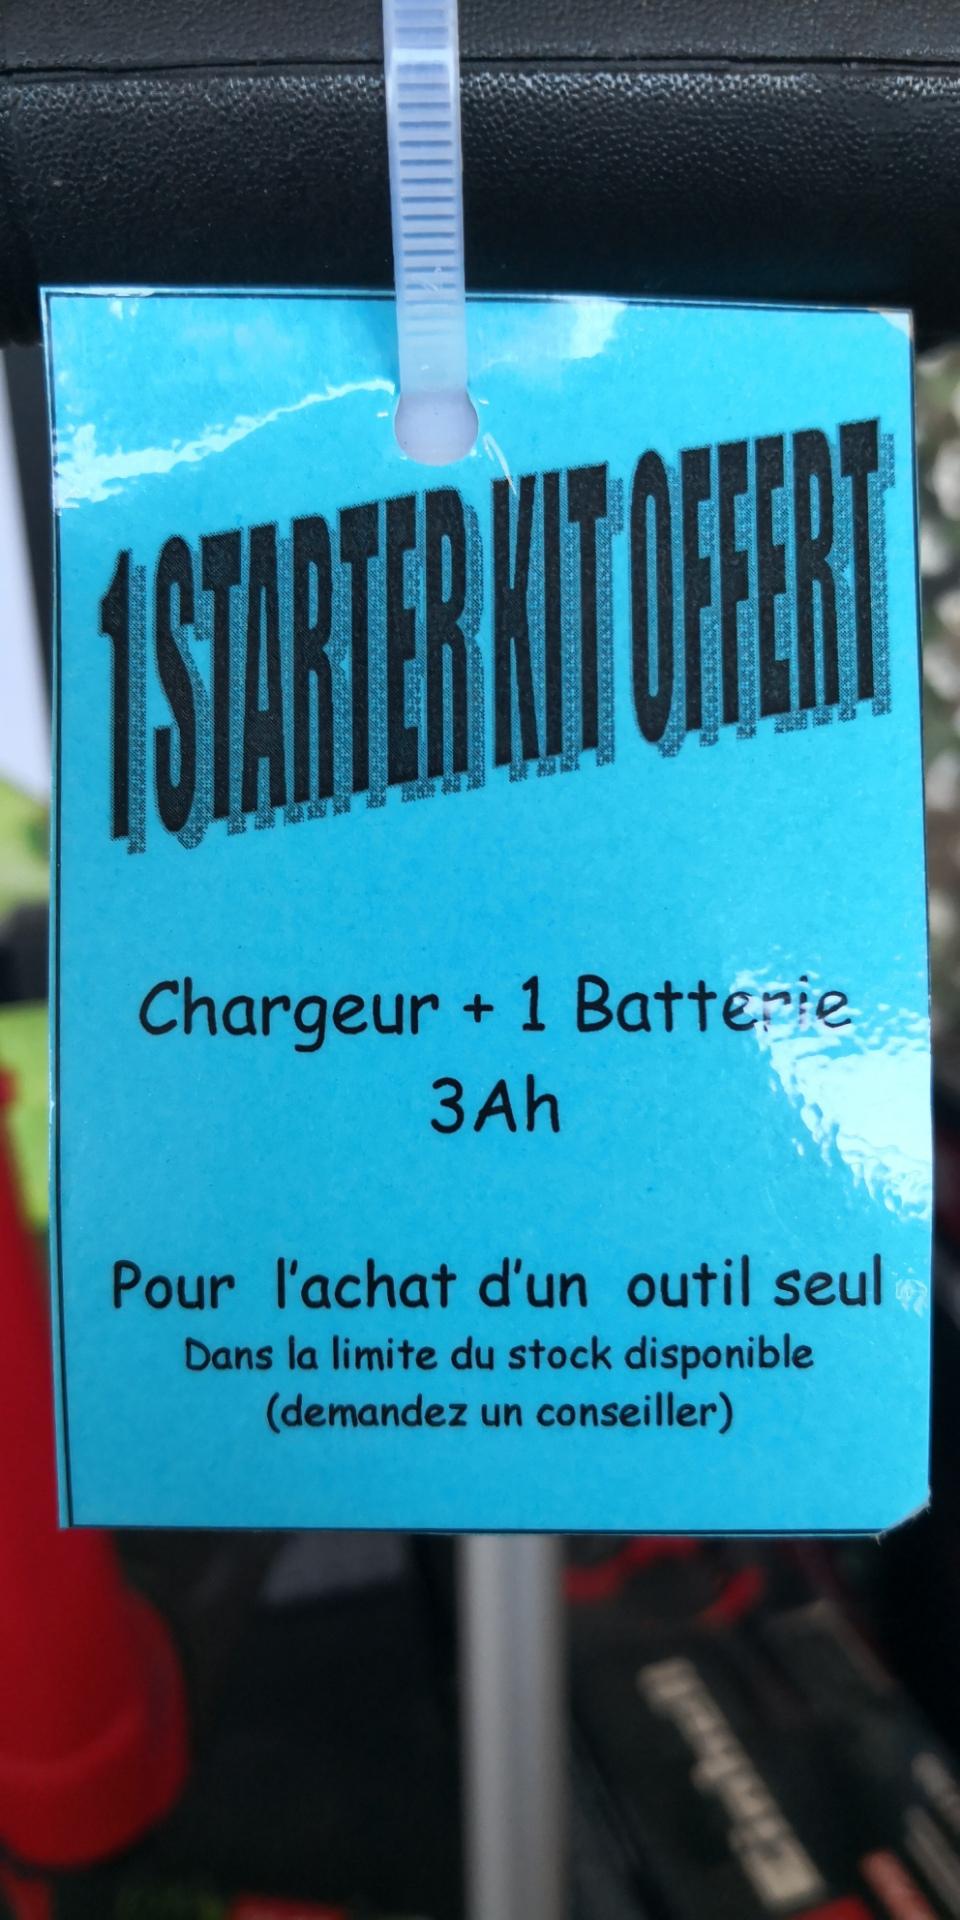 Kit d'accessoires Einhell offert pour l'achat d'un outil (chargeur + batterie 3 Ah ou 2 chargeurs+2 batteries) - Les Briconautes Eaunes (31)